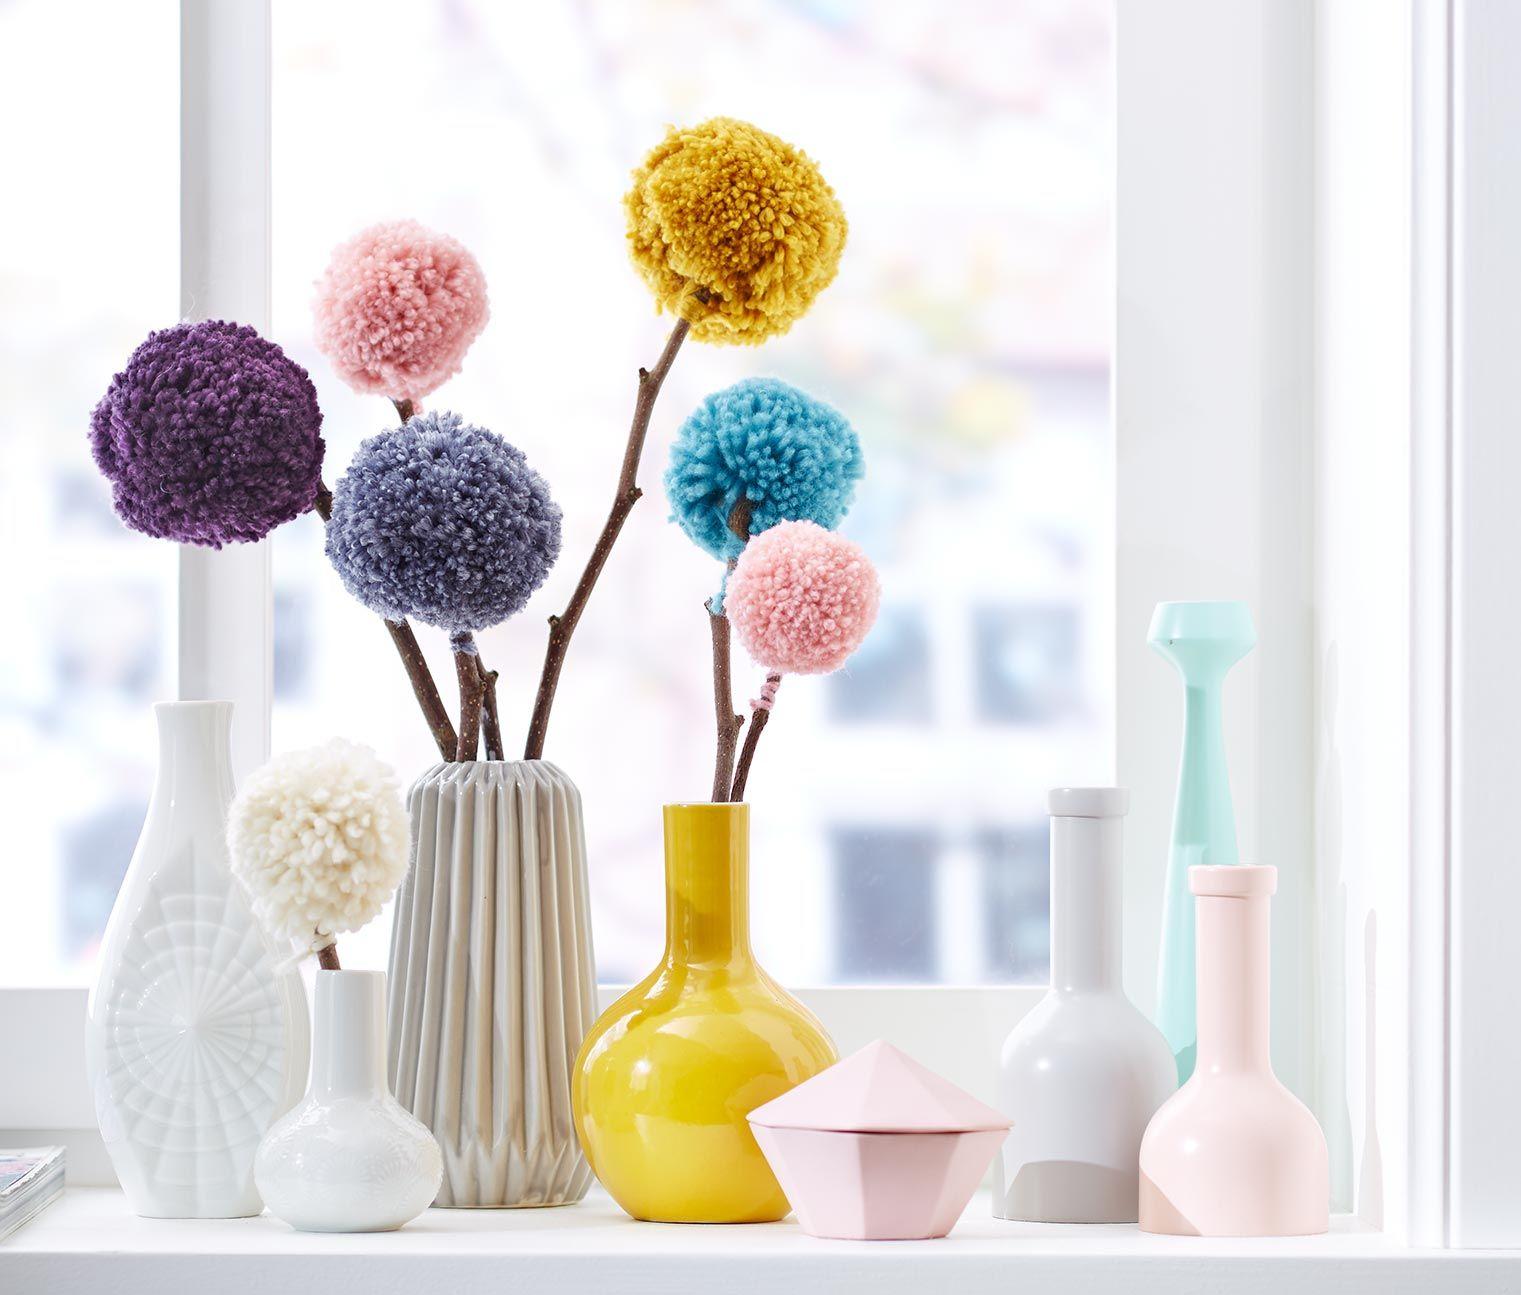 bommel blumen in vase tchibo dekoration pinterest kuschelecke bommel und bastelarbeiten. Black Bedroom Furniture Sets. Home Design Ideas